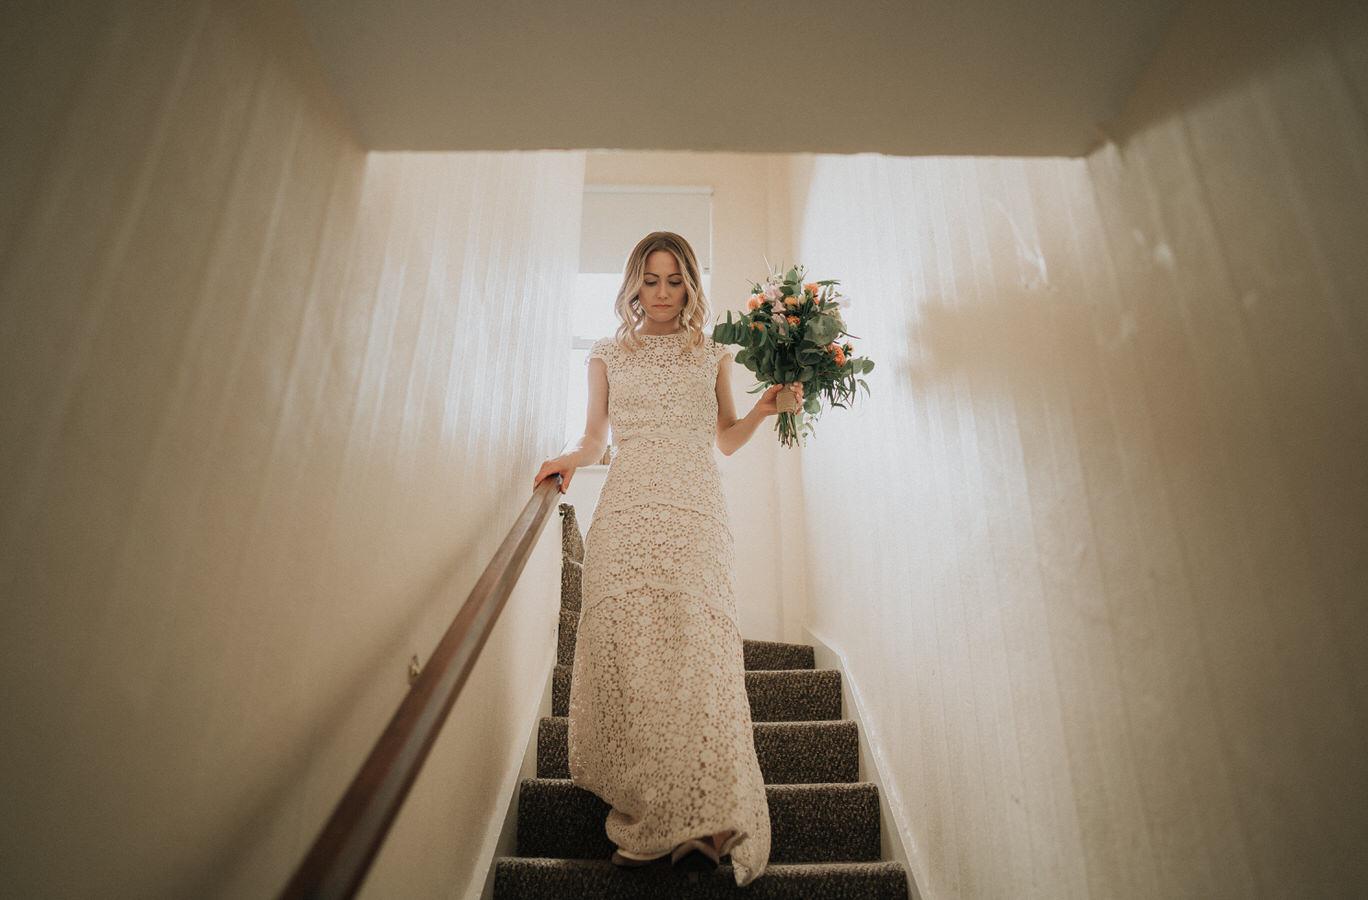 The-Station-House-wedding-Dublin-photographer- 0025 19